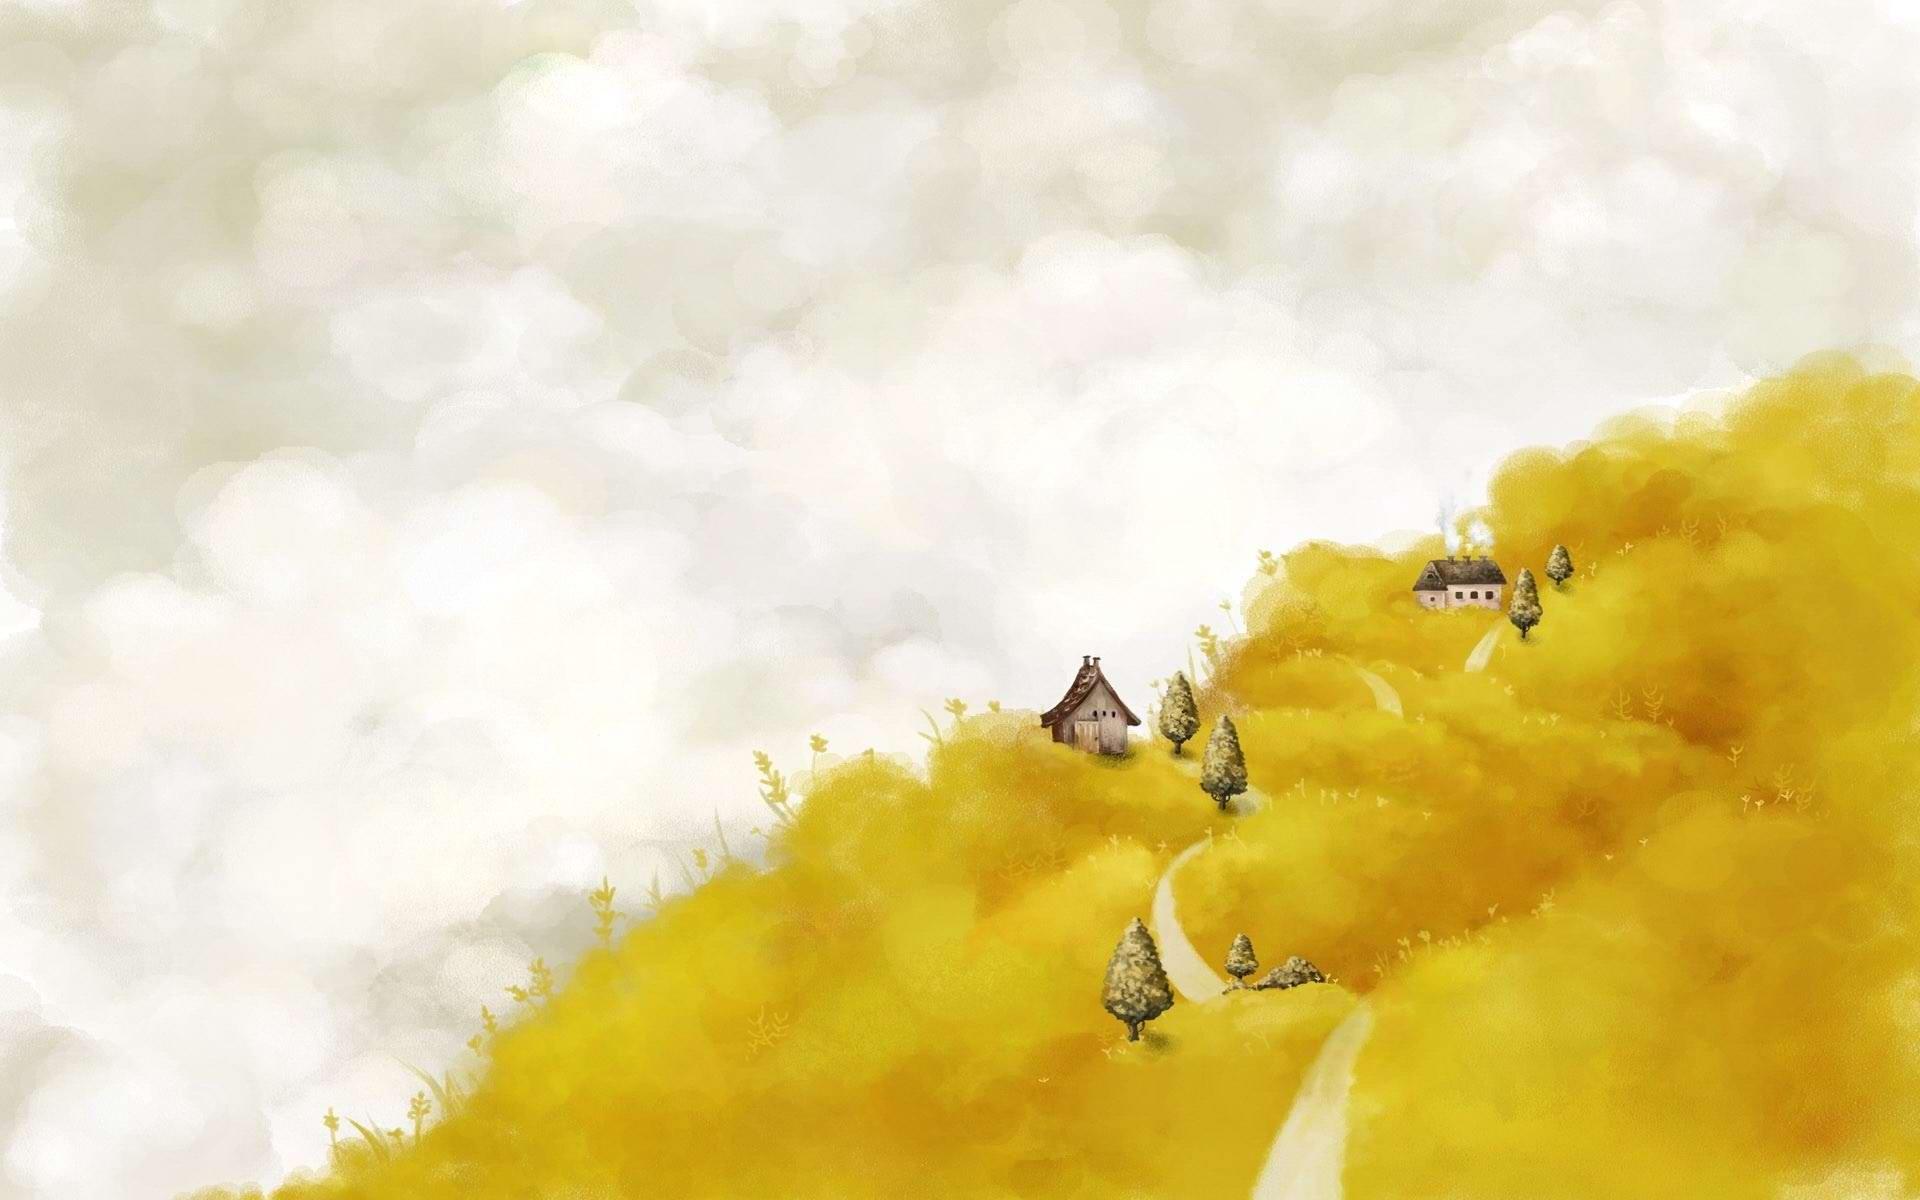 yellow aesthetic wallpaper desktop